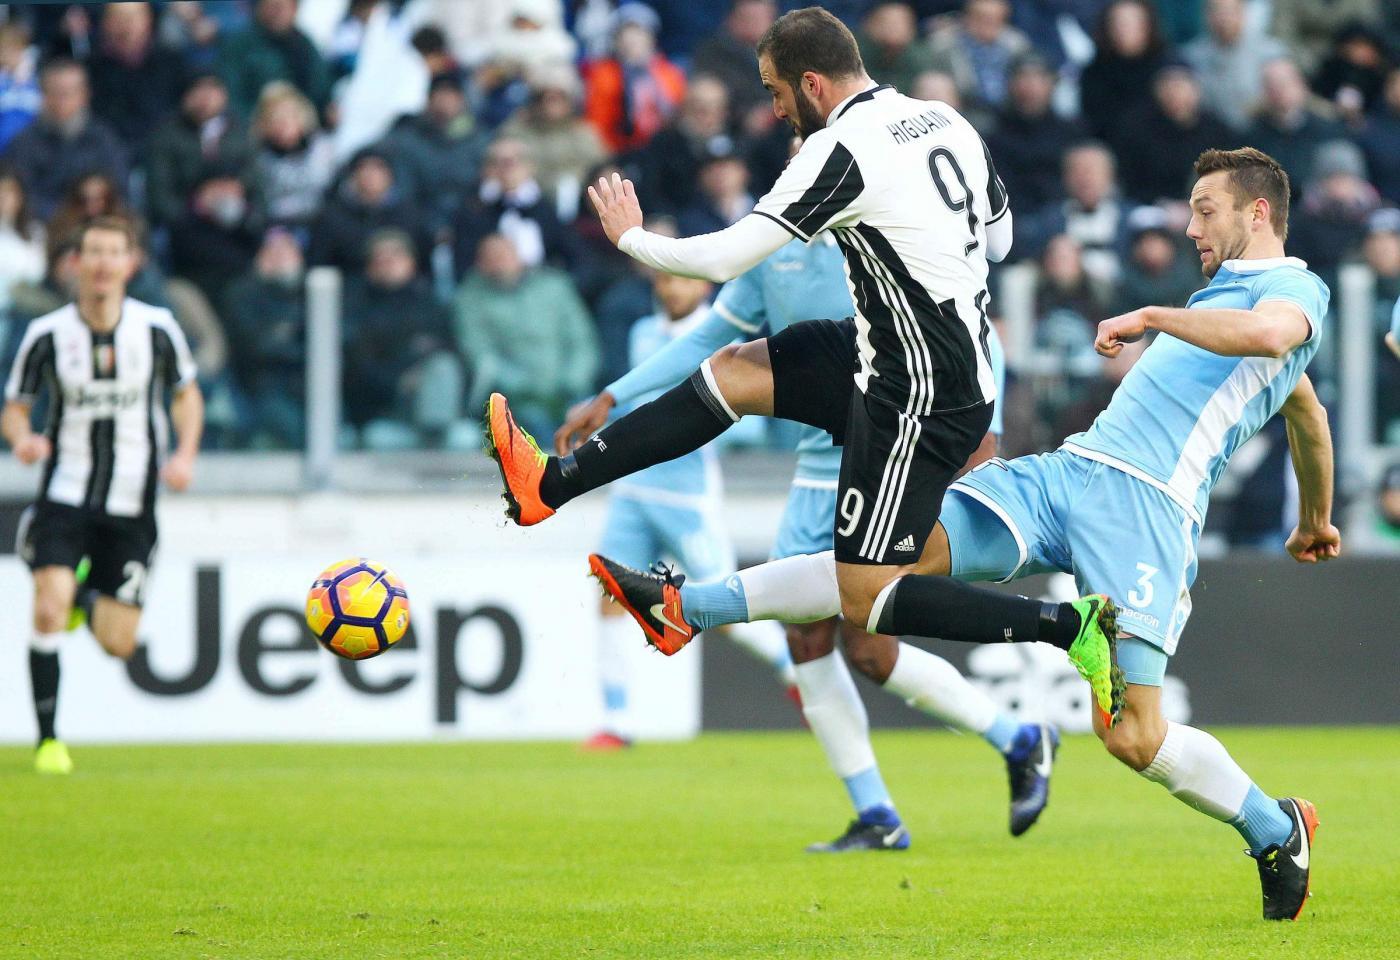 Juventus-Lazio, Allegri: